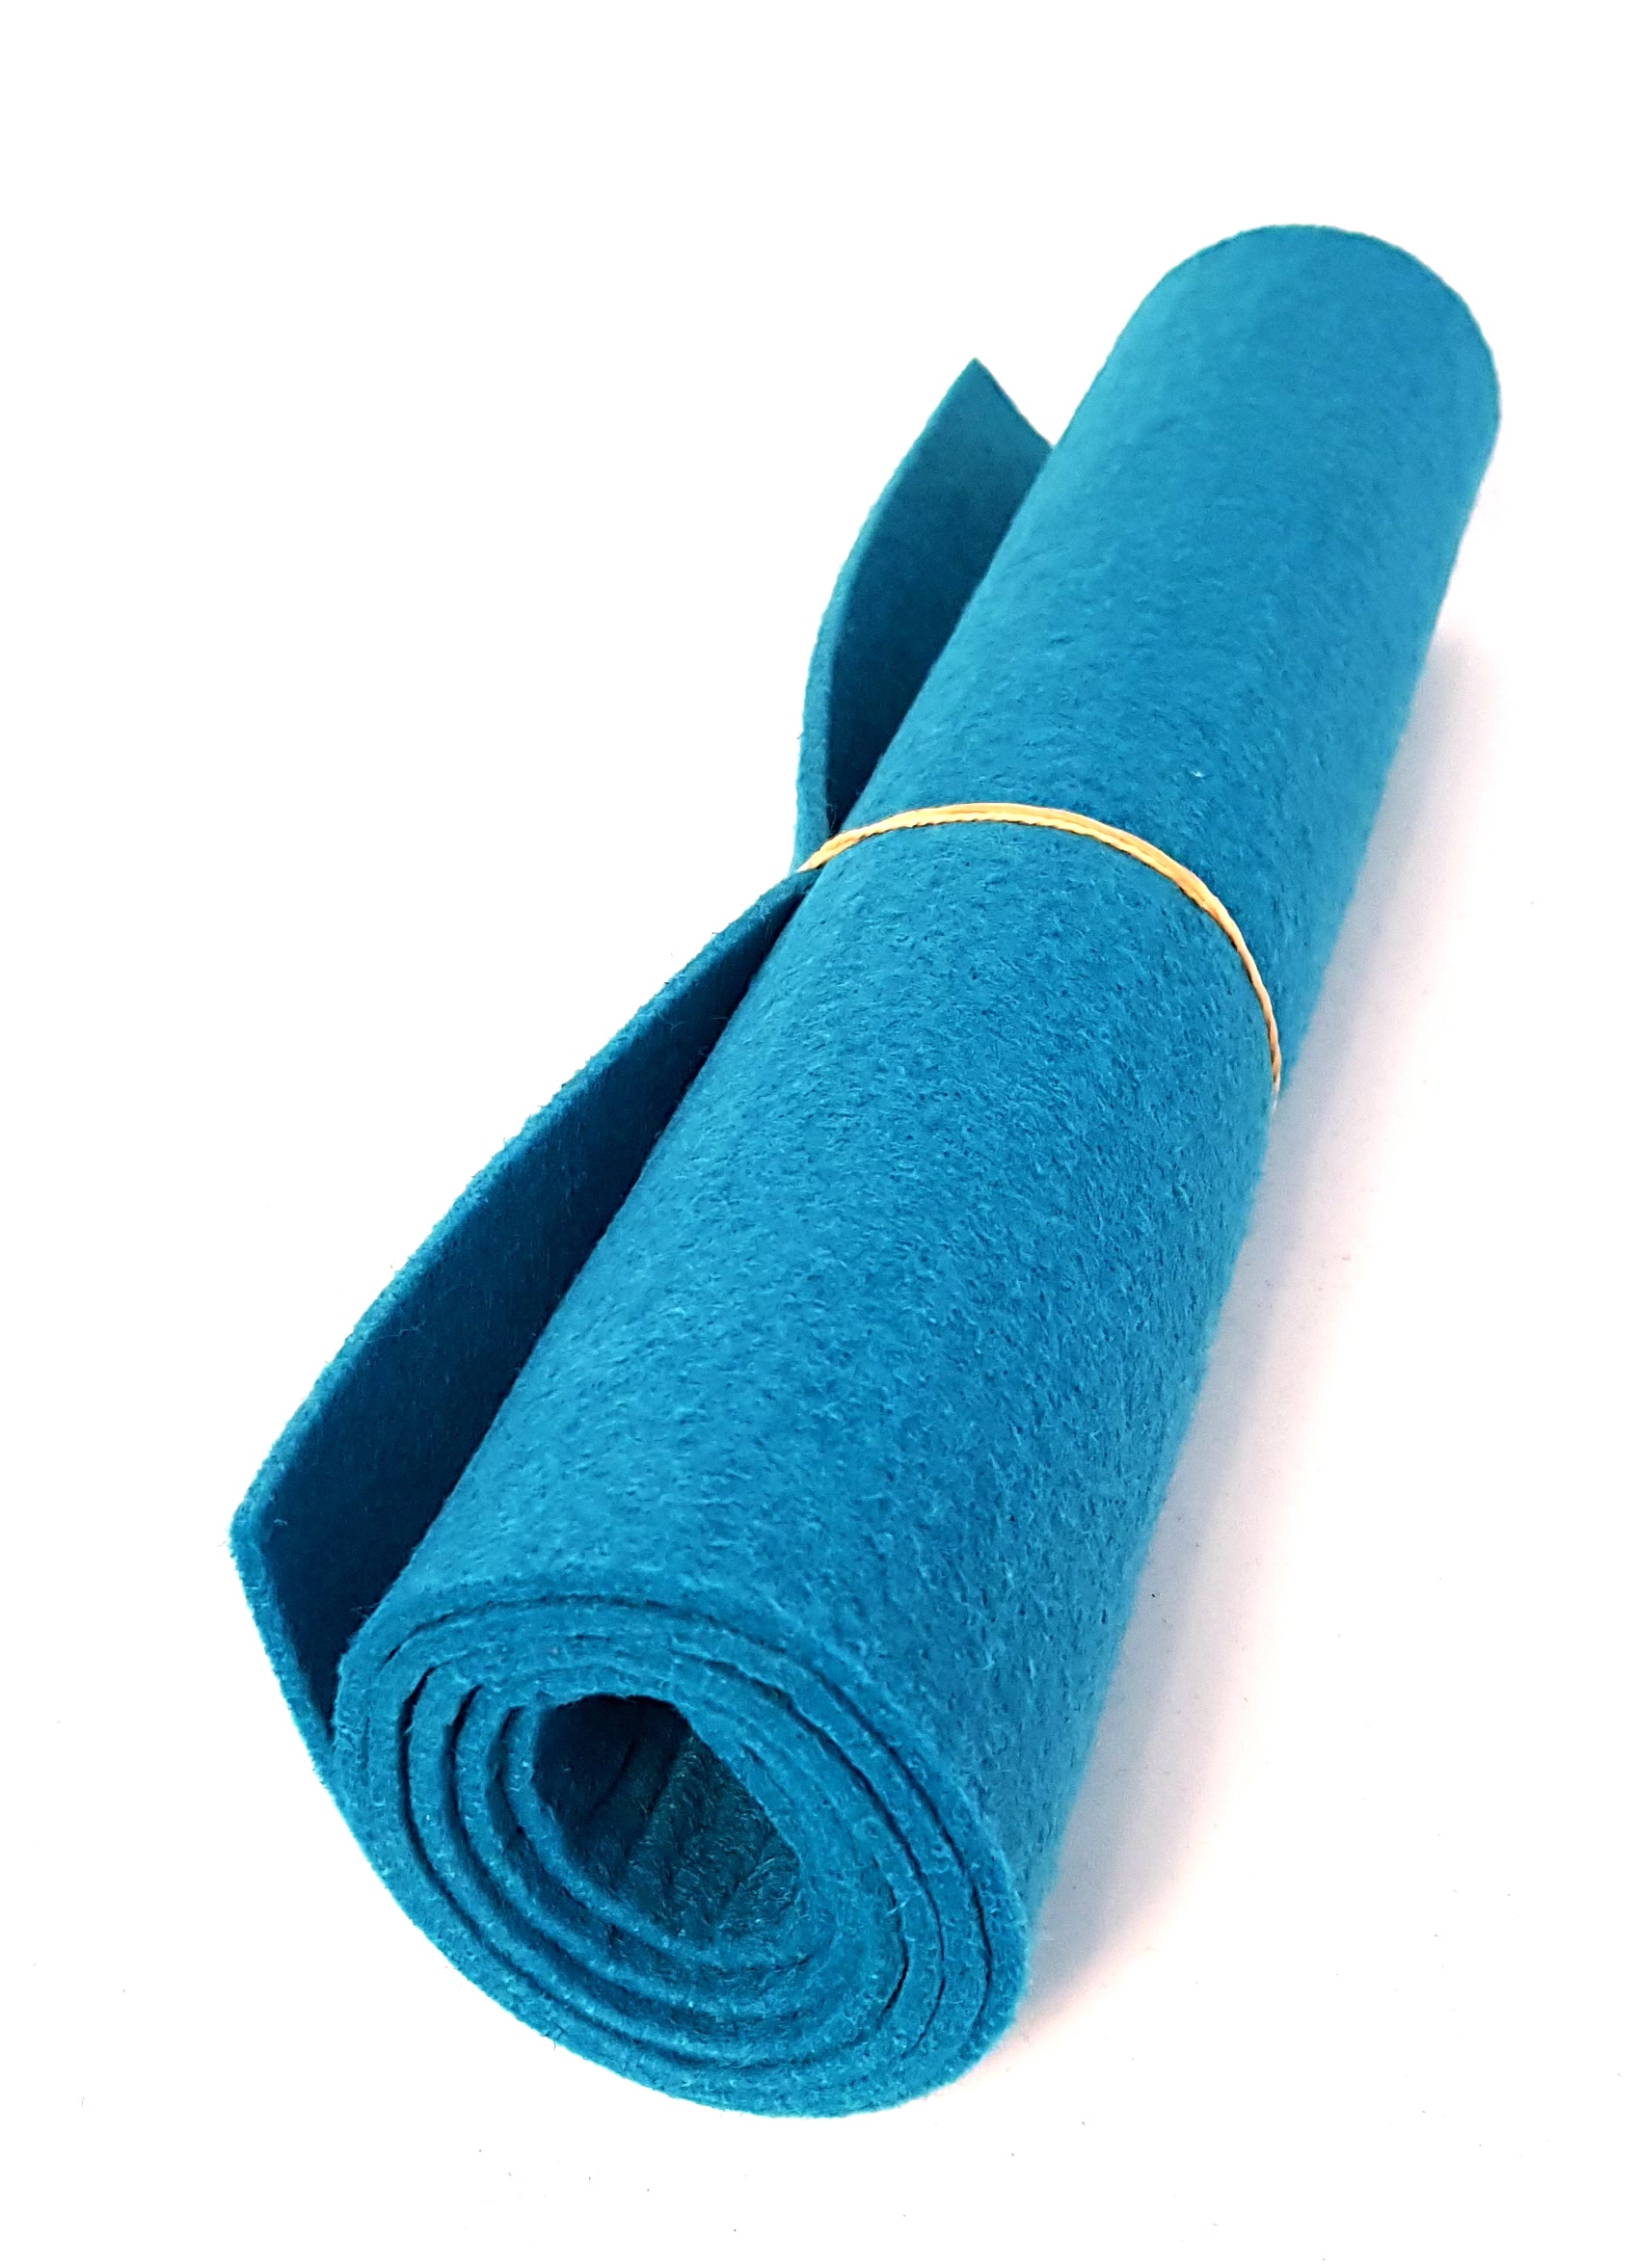 Blaues Filz - Handgemachte individualisierbare Taschen, Körbe, Tischsets, Dekoartikel und mehr auf fideko.de der Onlineshop seit 2011